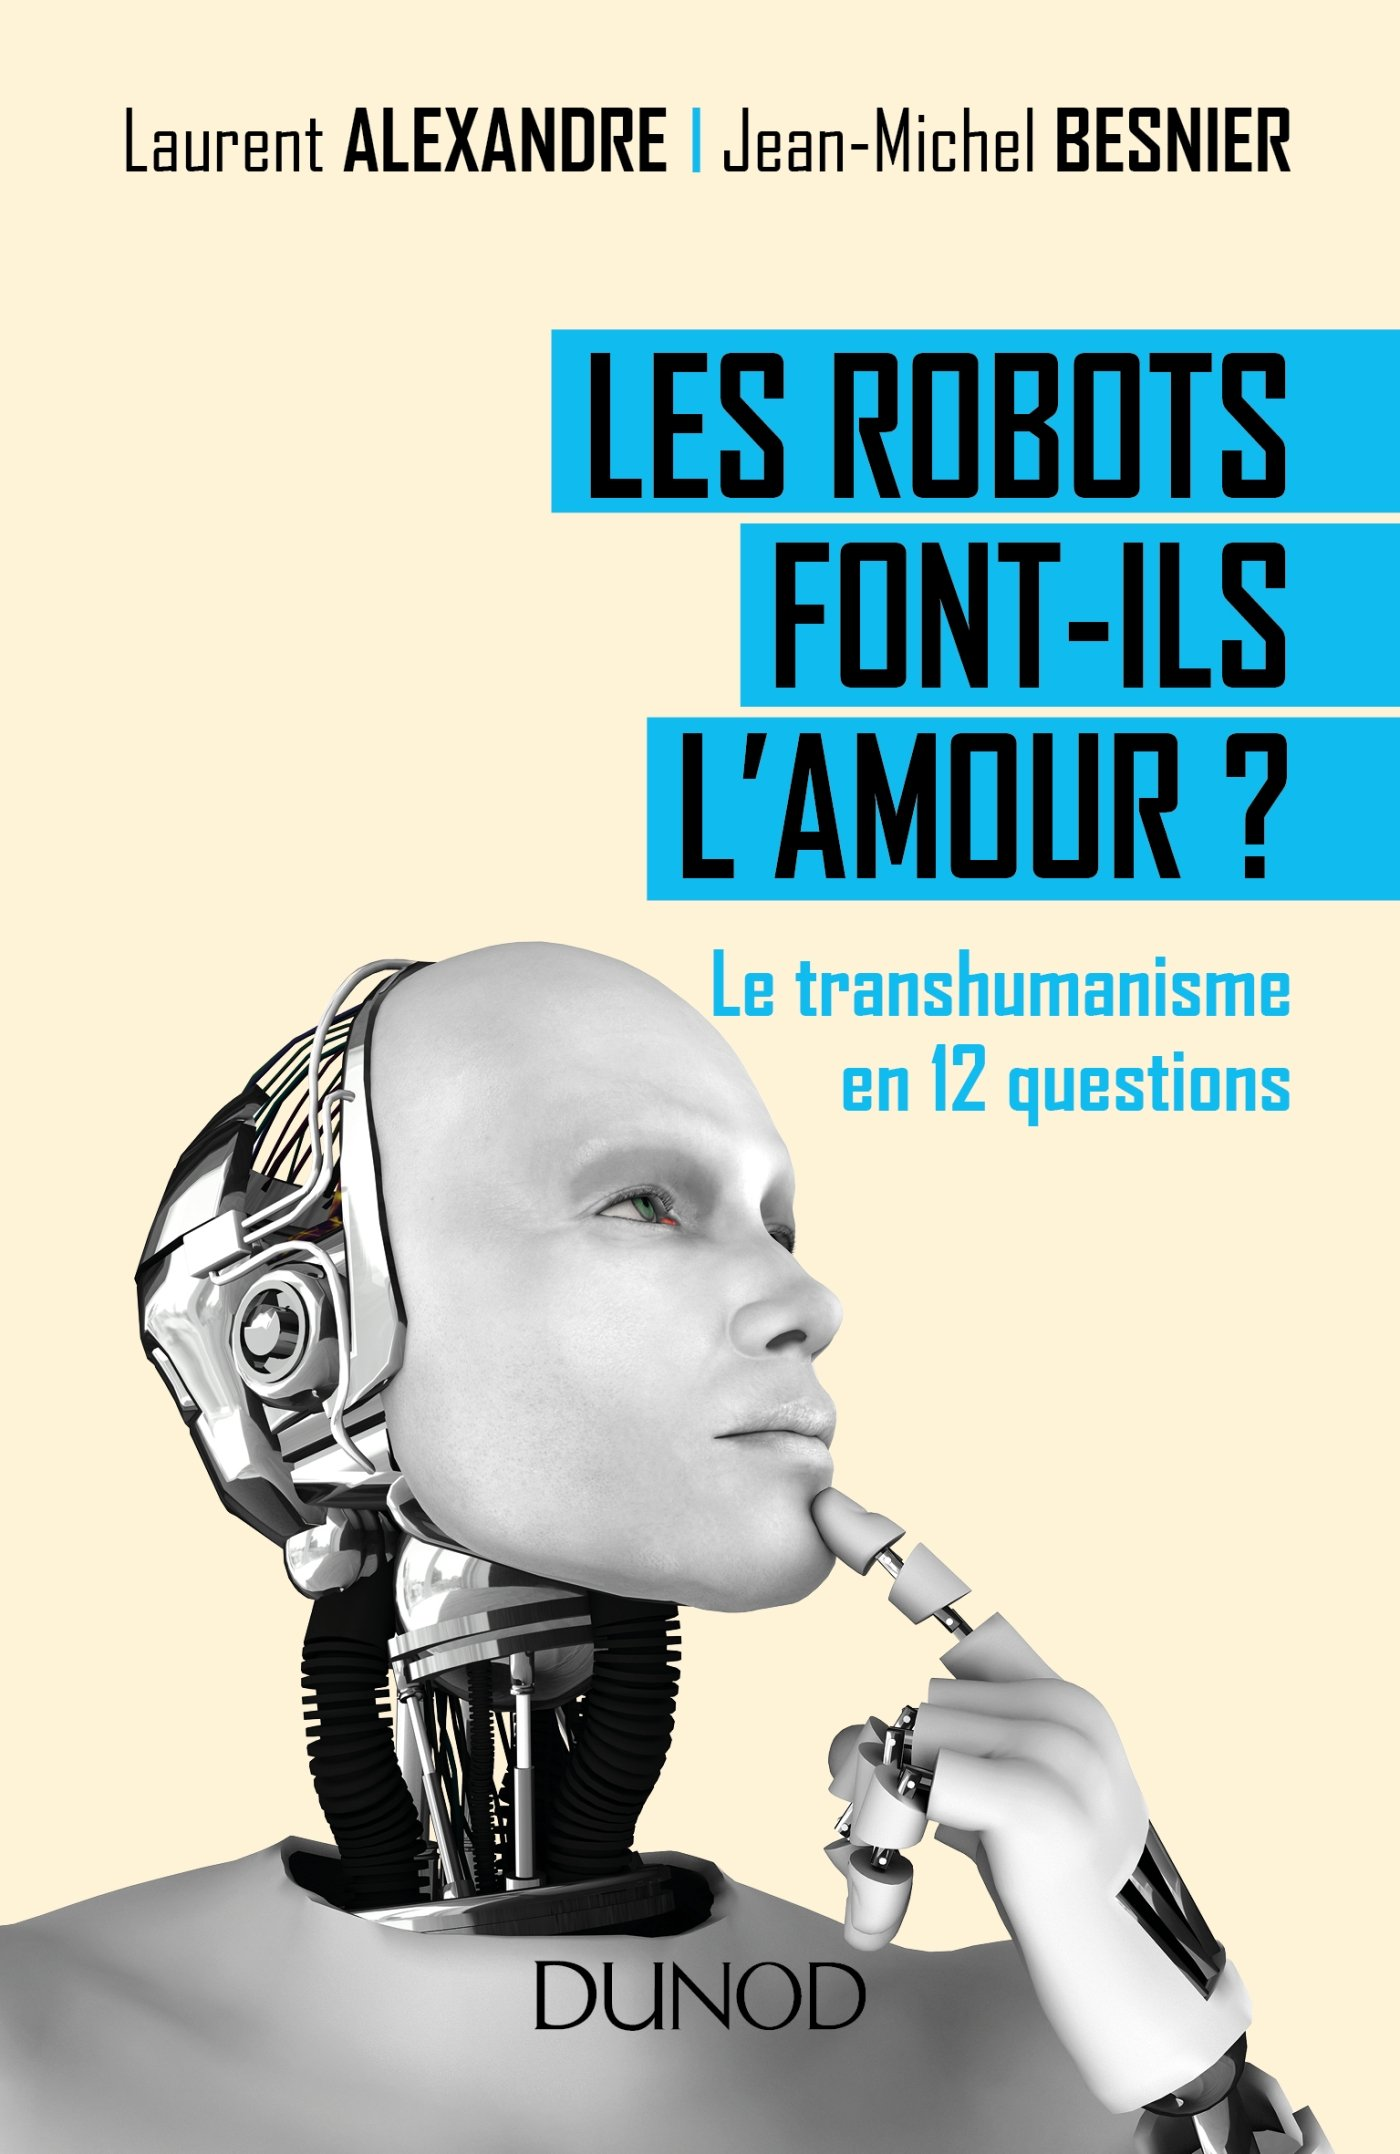 Les robots font-ils l'amour ?-visual